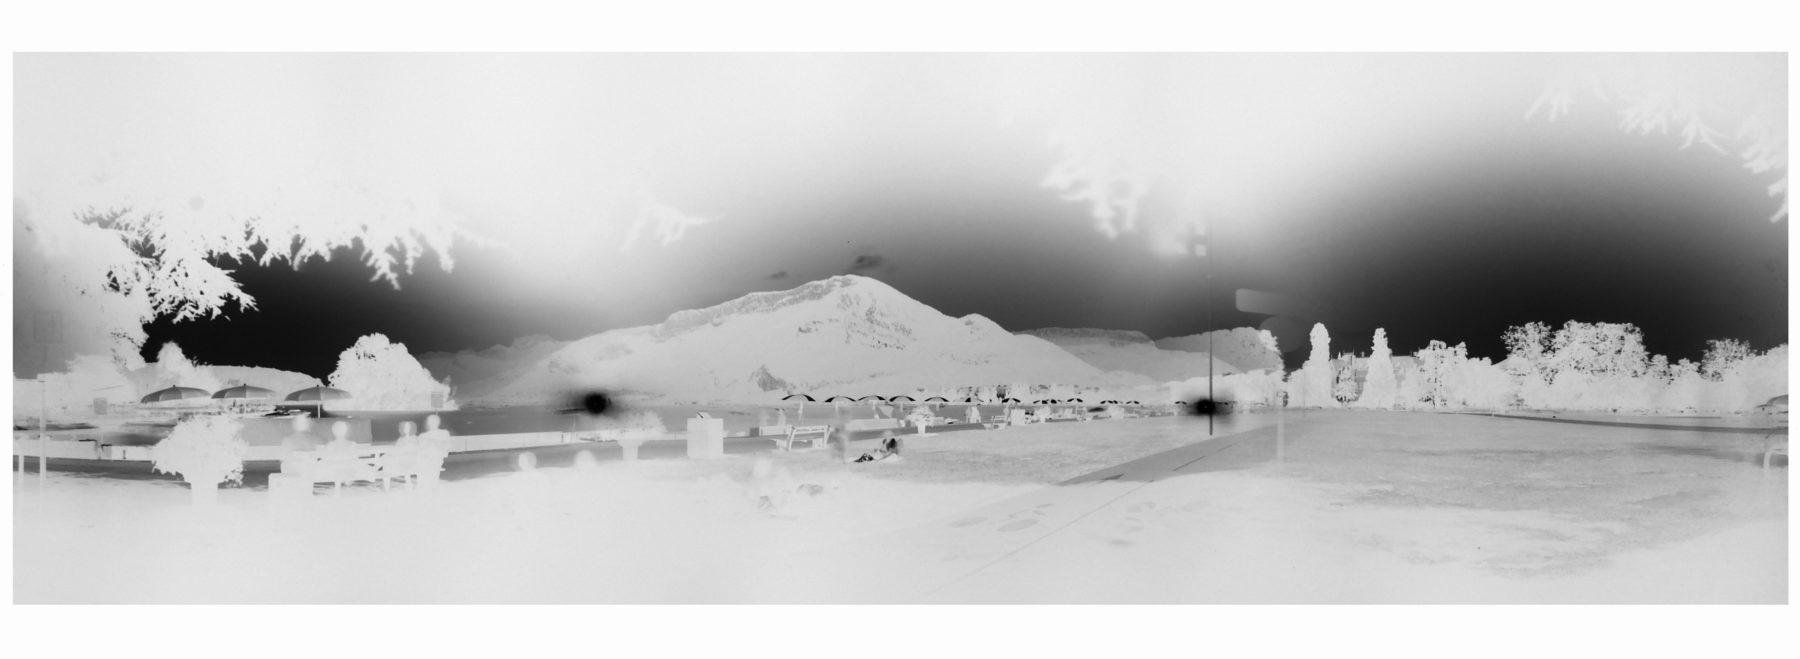 Claire Lesteven, Le Lac (Annecy), 2019, photographie multi-sténopés, 32x105 cm, courtesy Fondation Salomon et Hgallery, Paris